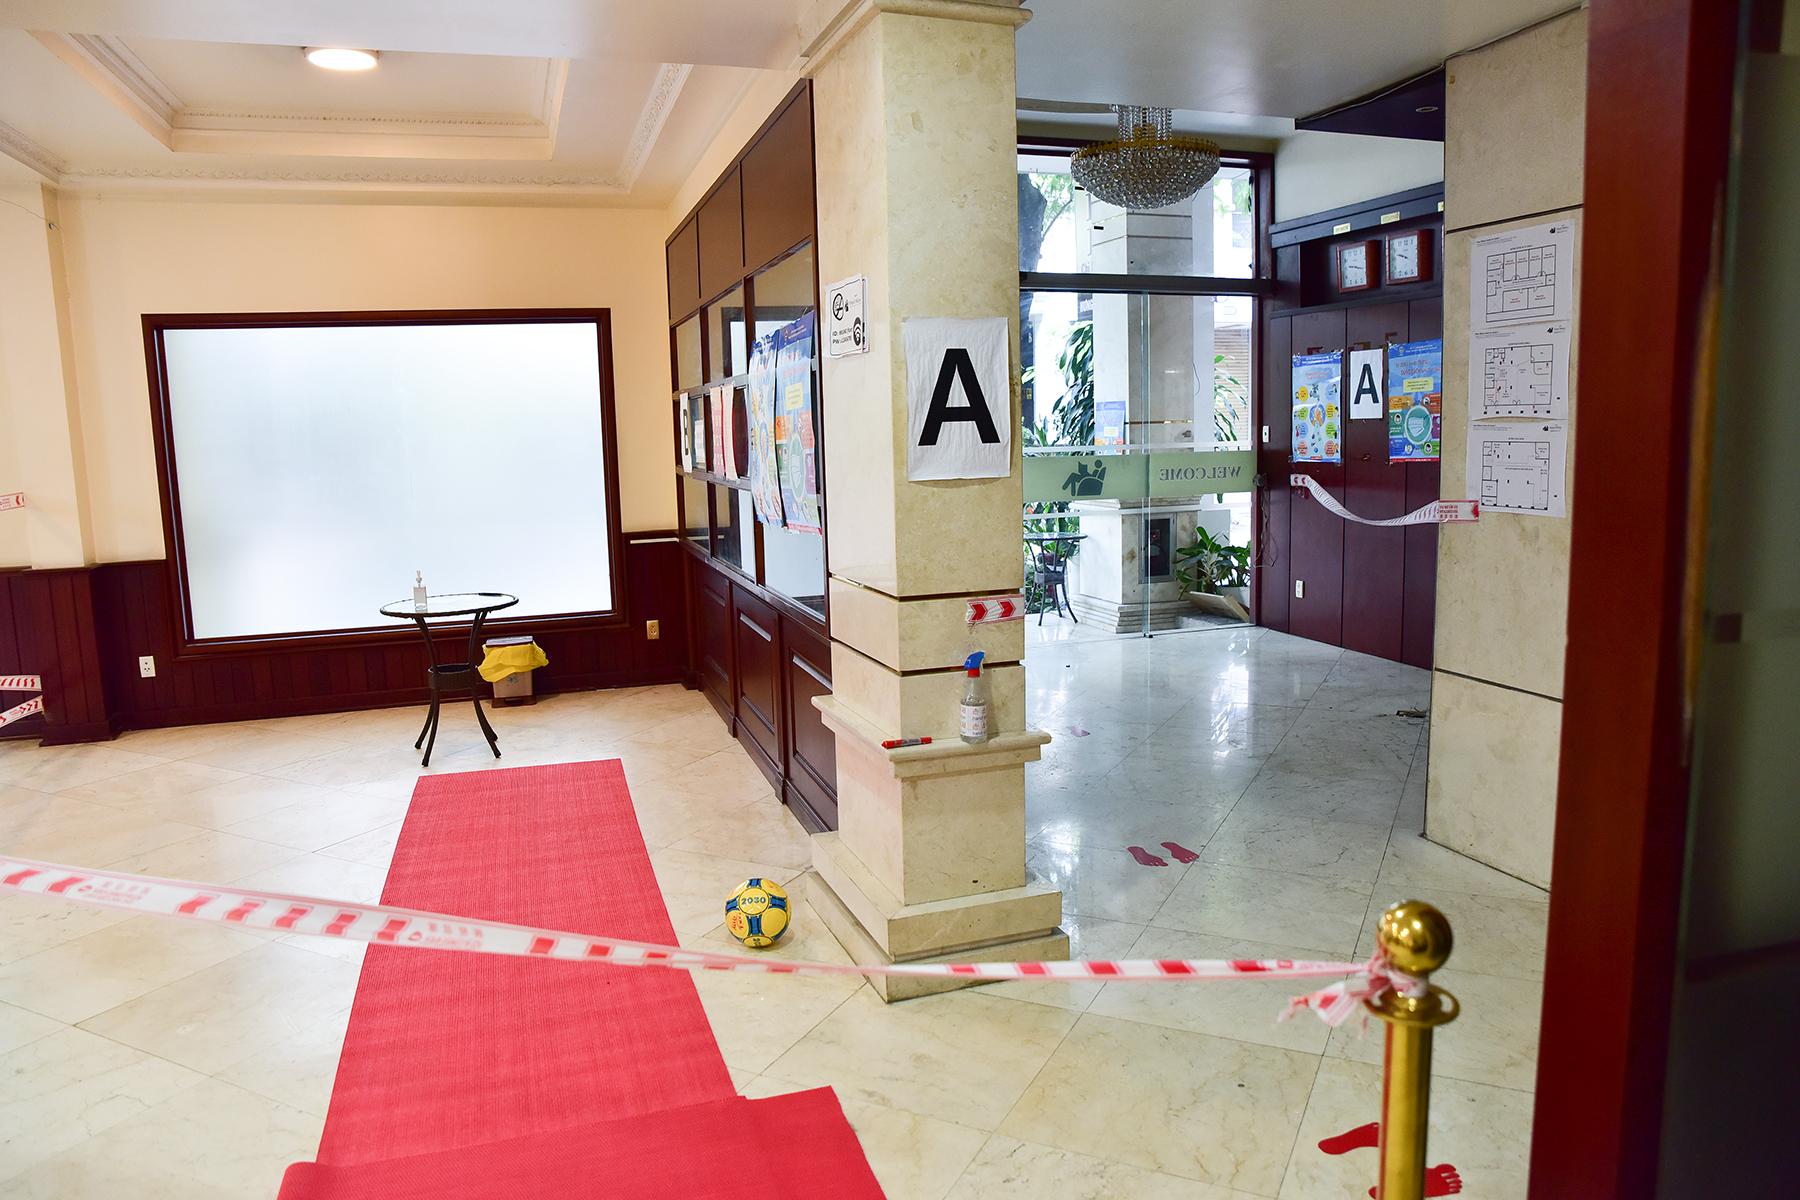 Khử khuẩn tại khu vực khách sạn nơi đội tuyển Việt Nam cách ly ở TP.HCM - 4